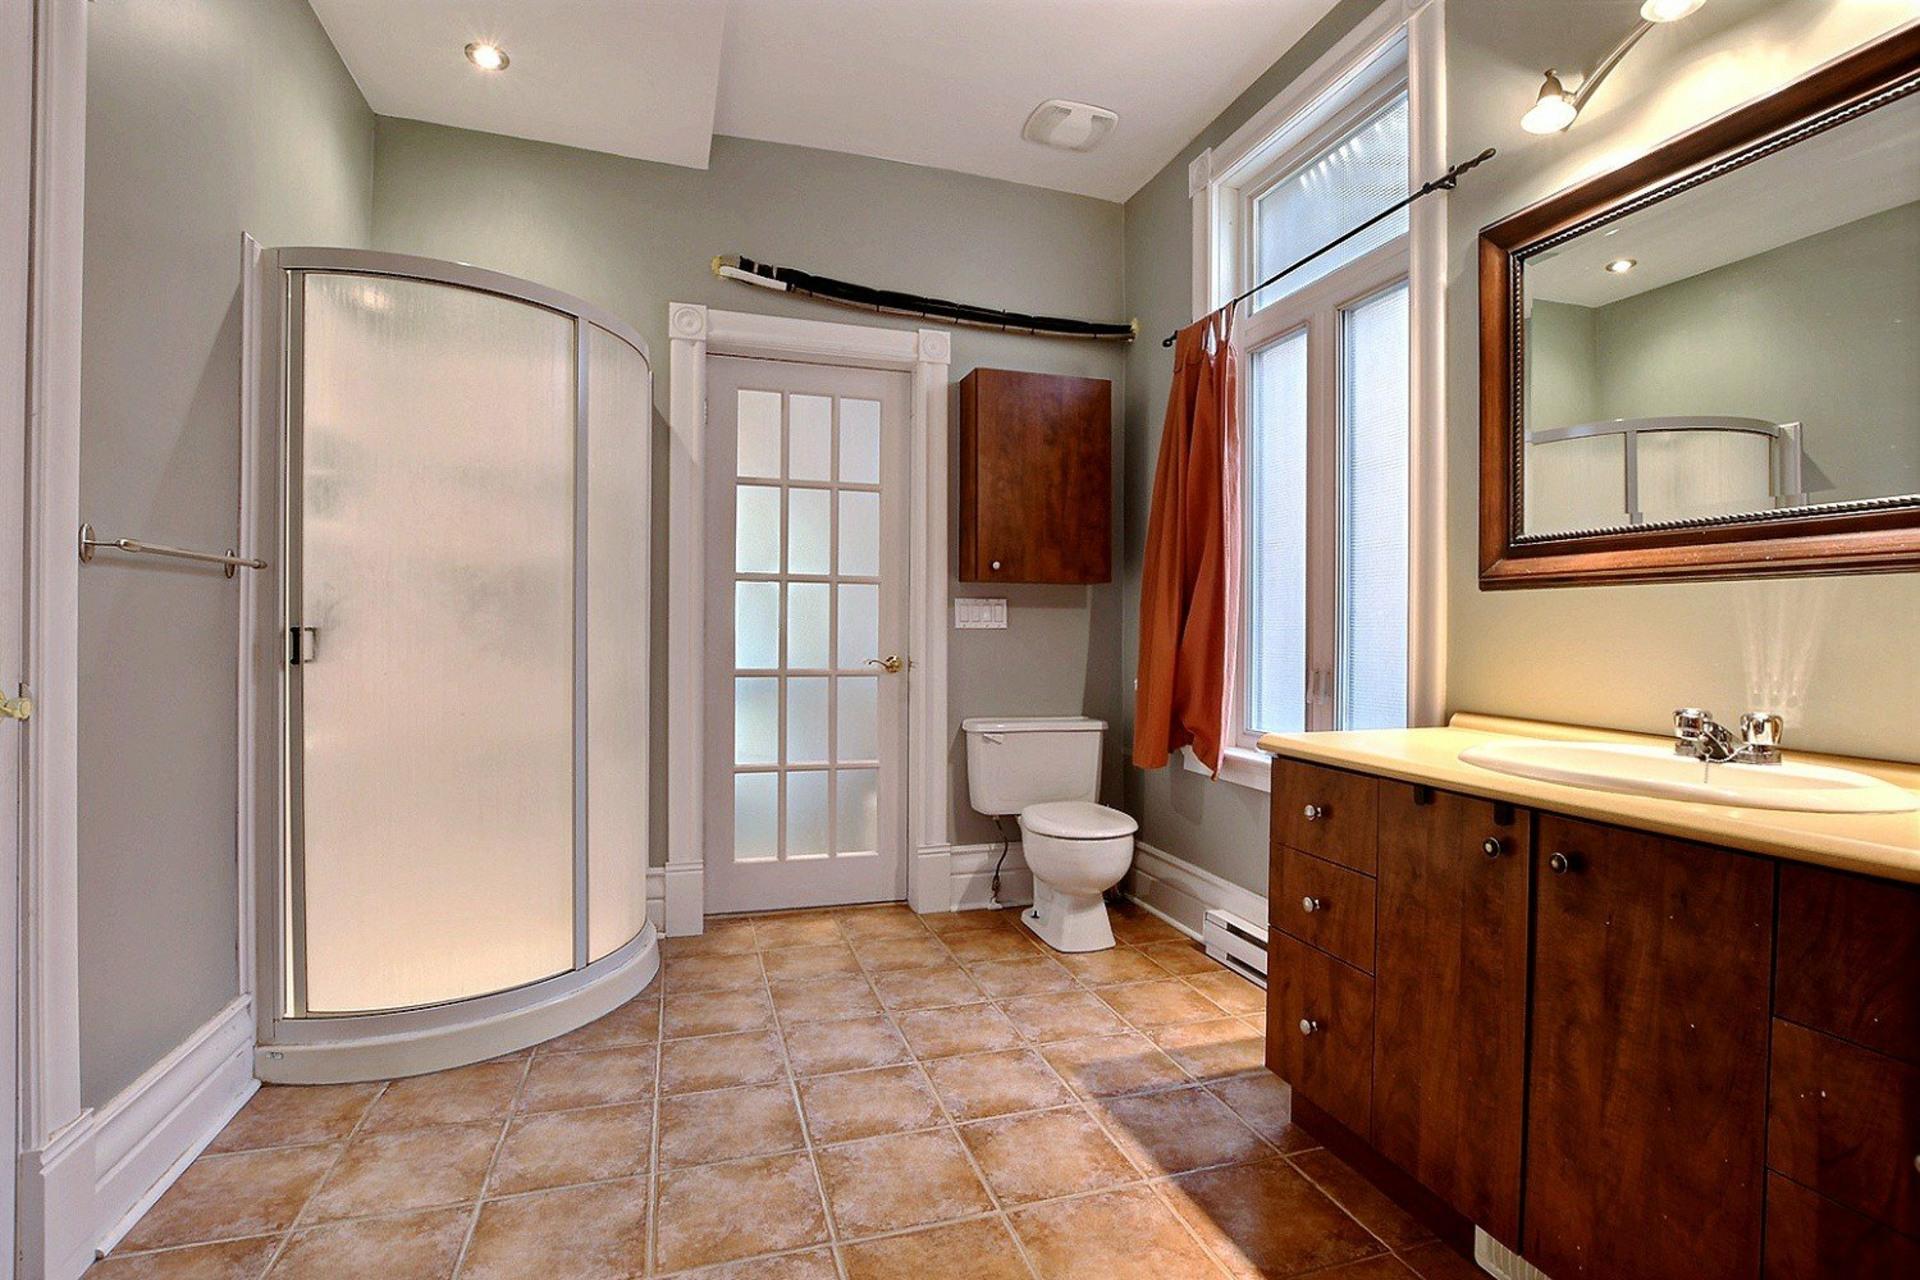 image 13 - Appartement À vendre Montréal Le Plateau-Mont-Royal  - 5 pièces